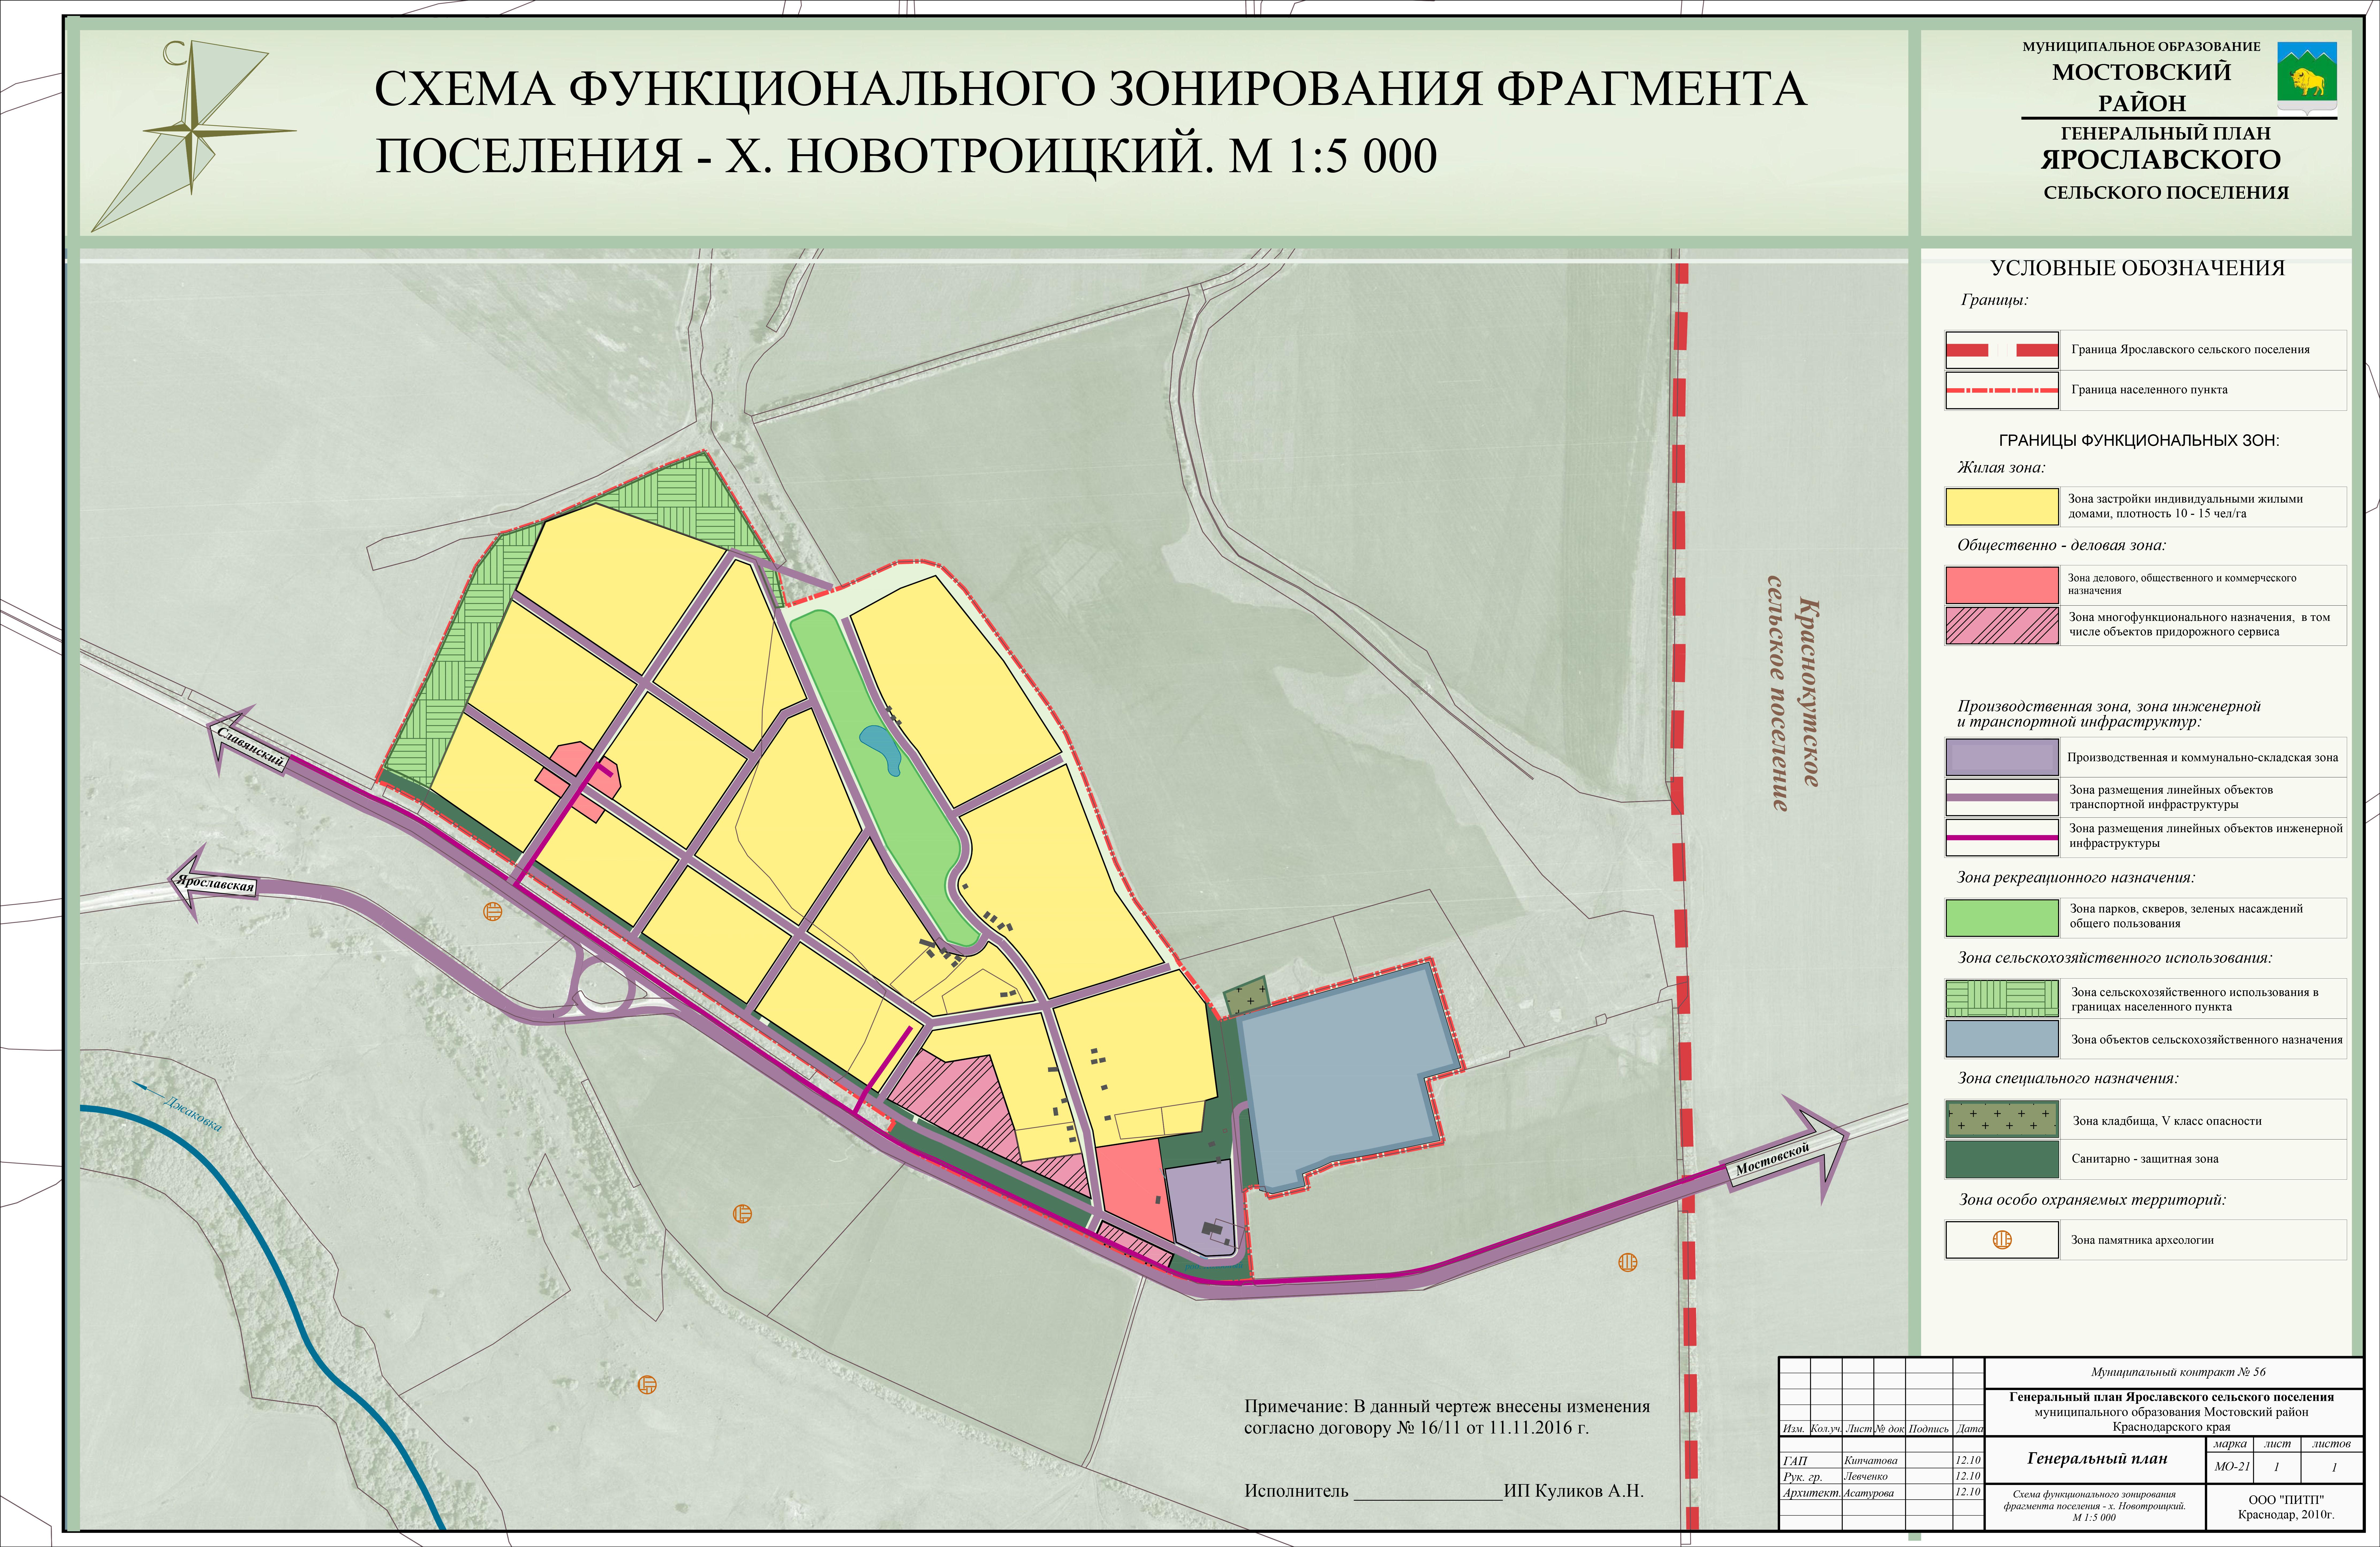 Градостроительное зонирование — википедия переиздание // wiki 2